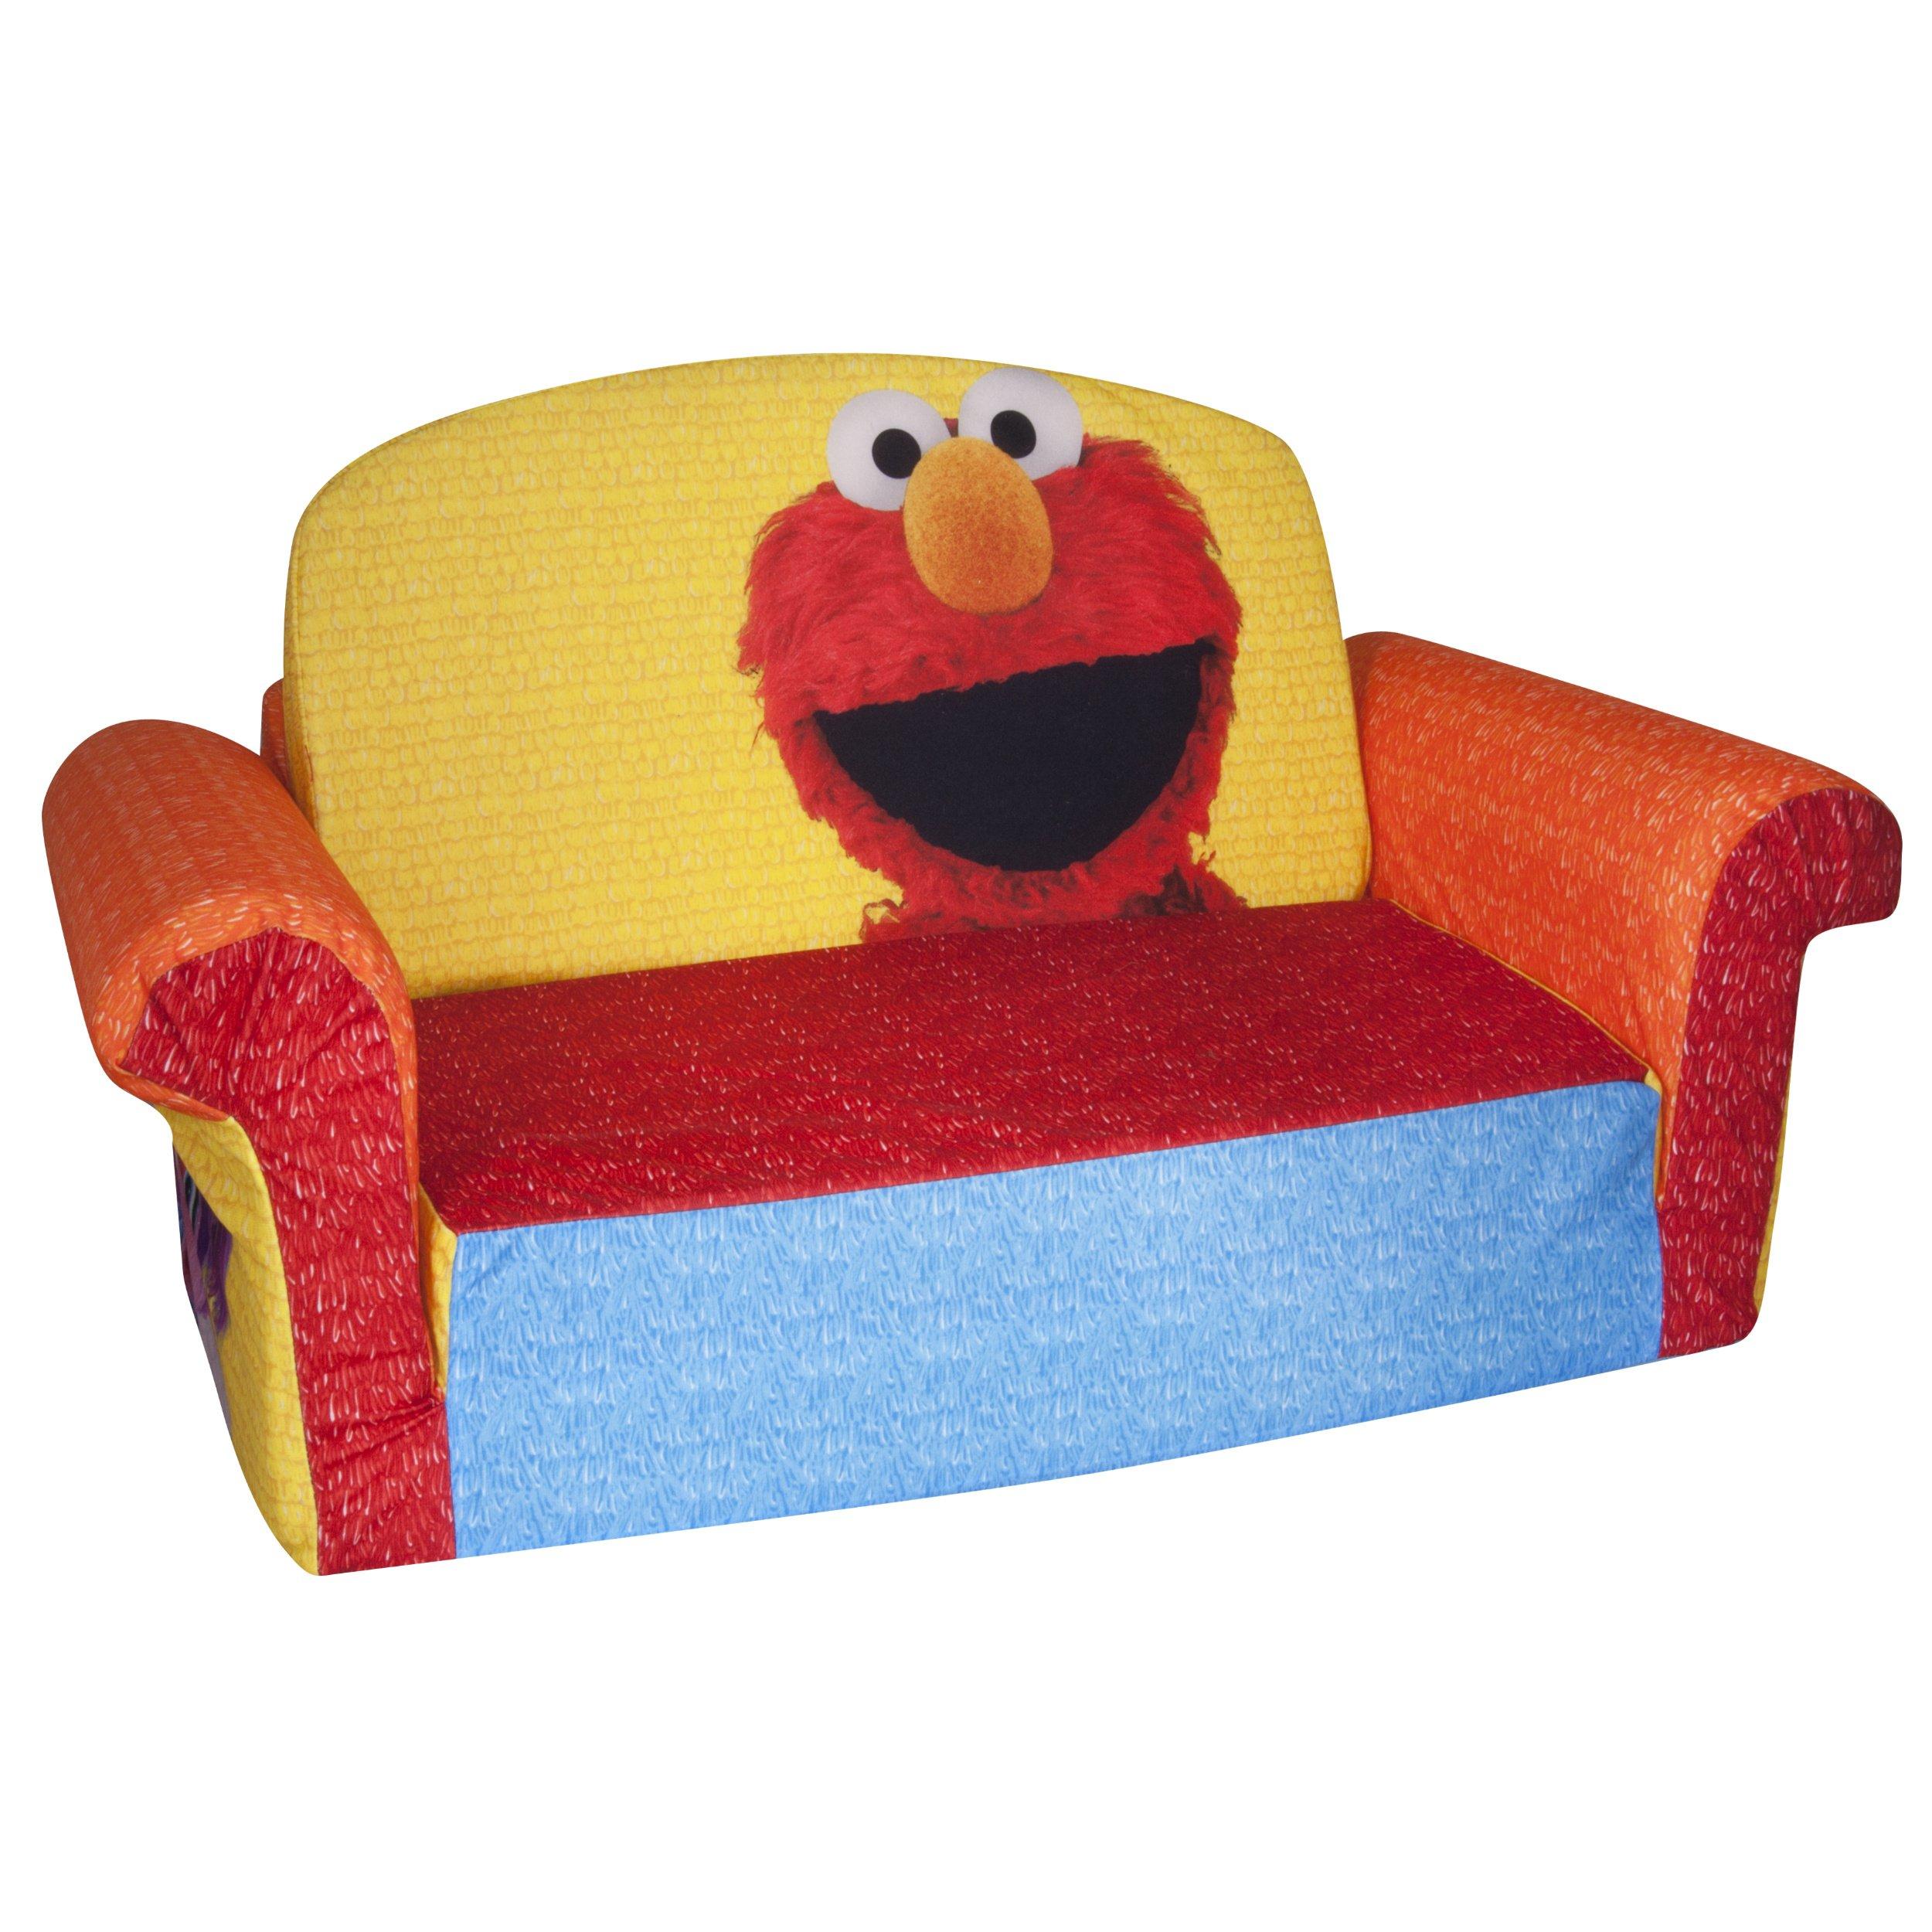 Marshmallow Furniture, Children's 2 in 1 Flip Open Foam Sofa, Sesame Street's Elmo/Sesame, by Spin Master by Marshmallow Furniture (Image #2)